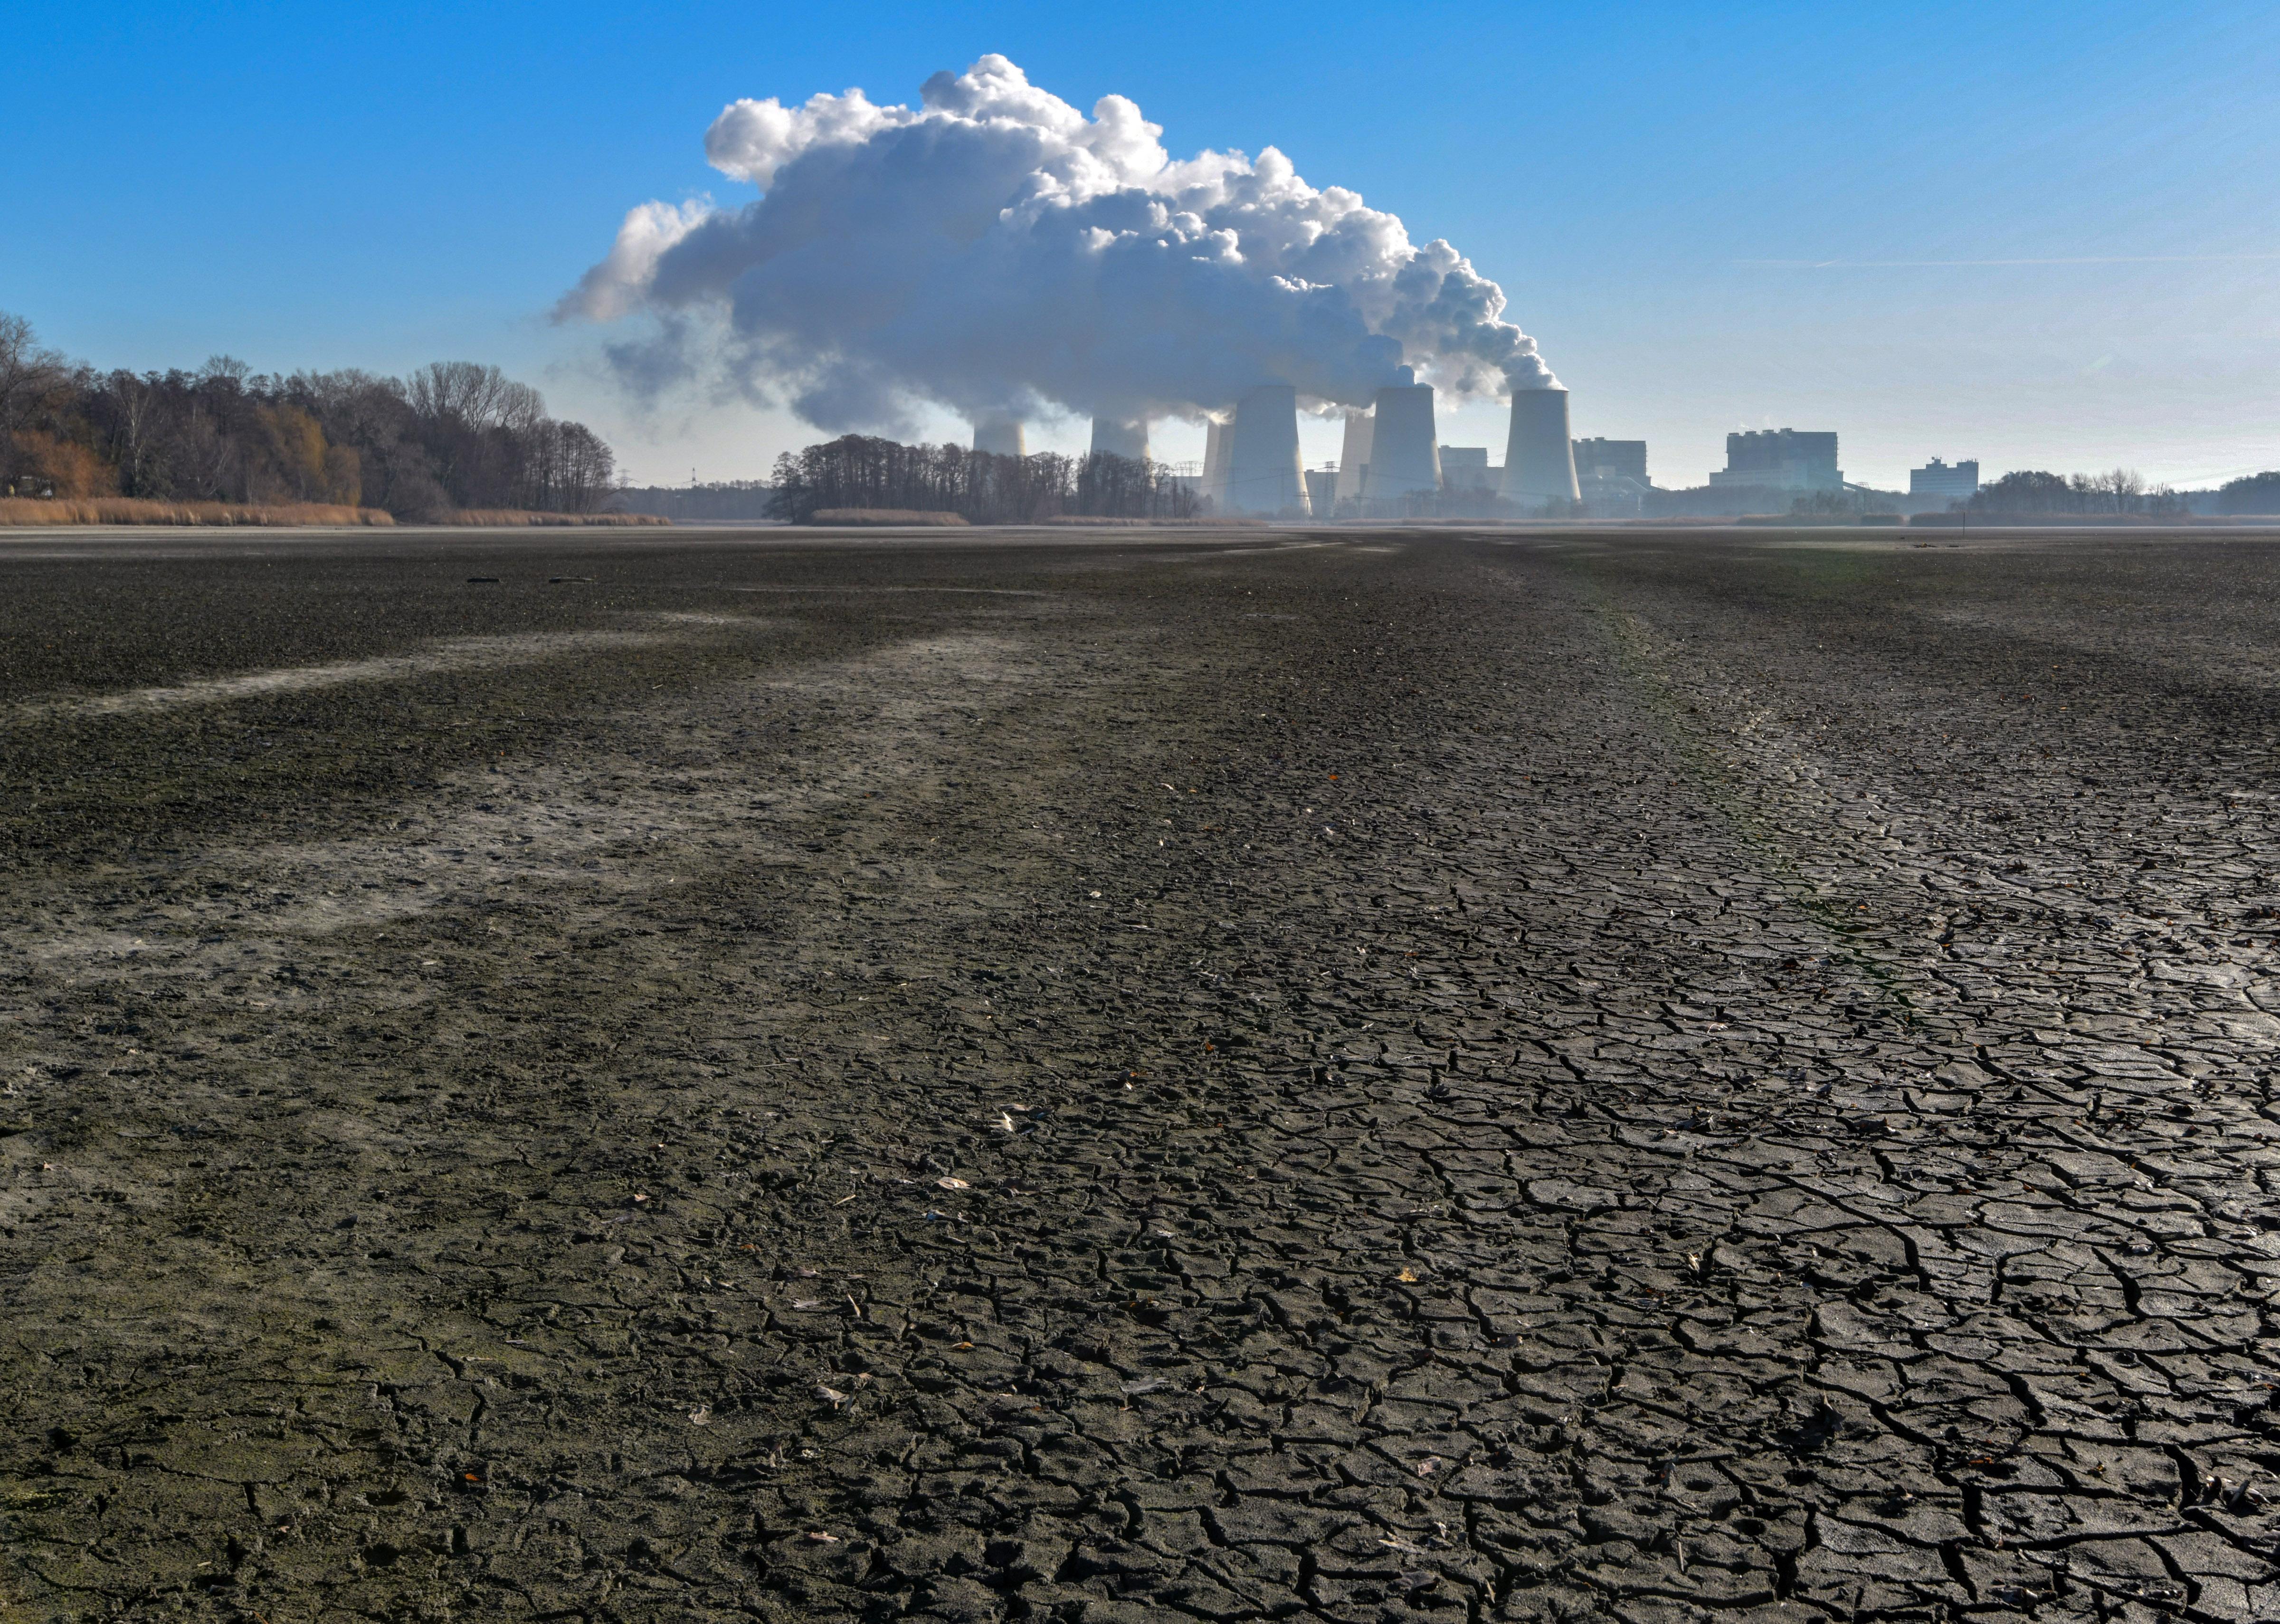 Az ENSZ minden eddiginél nagyobb, klímaváltozásról szóló jelentése tele lesz rossz hírrel, de ad némi optimizmusra is okot